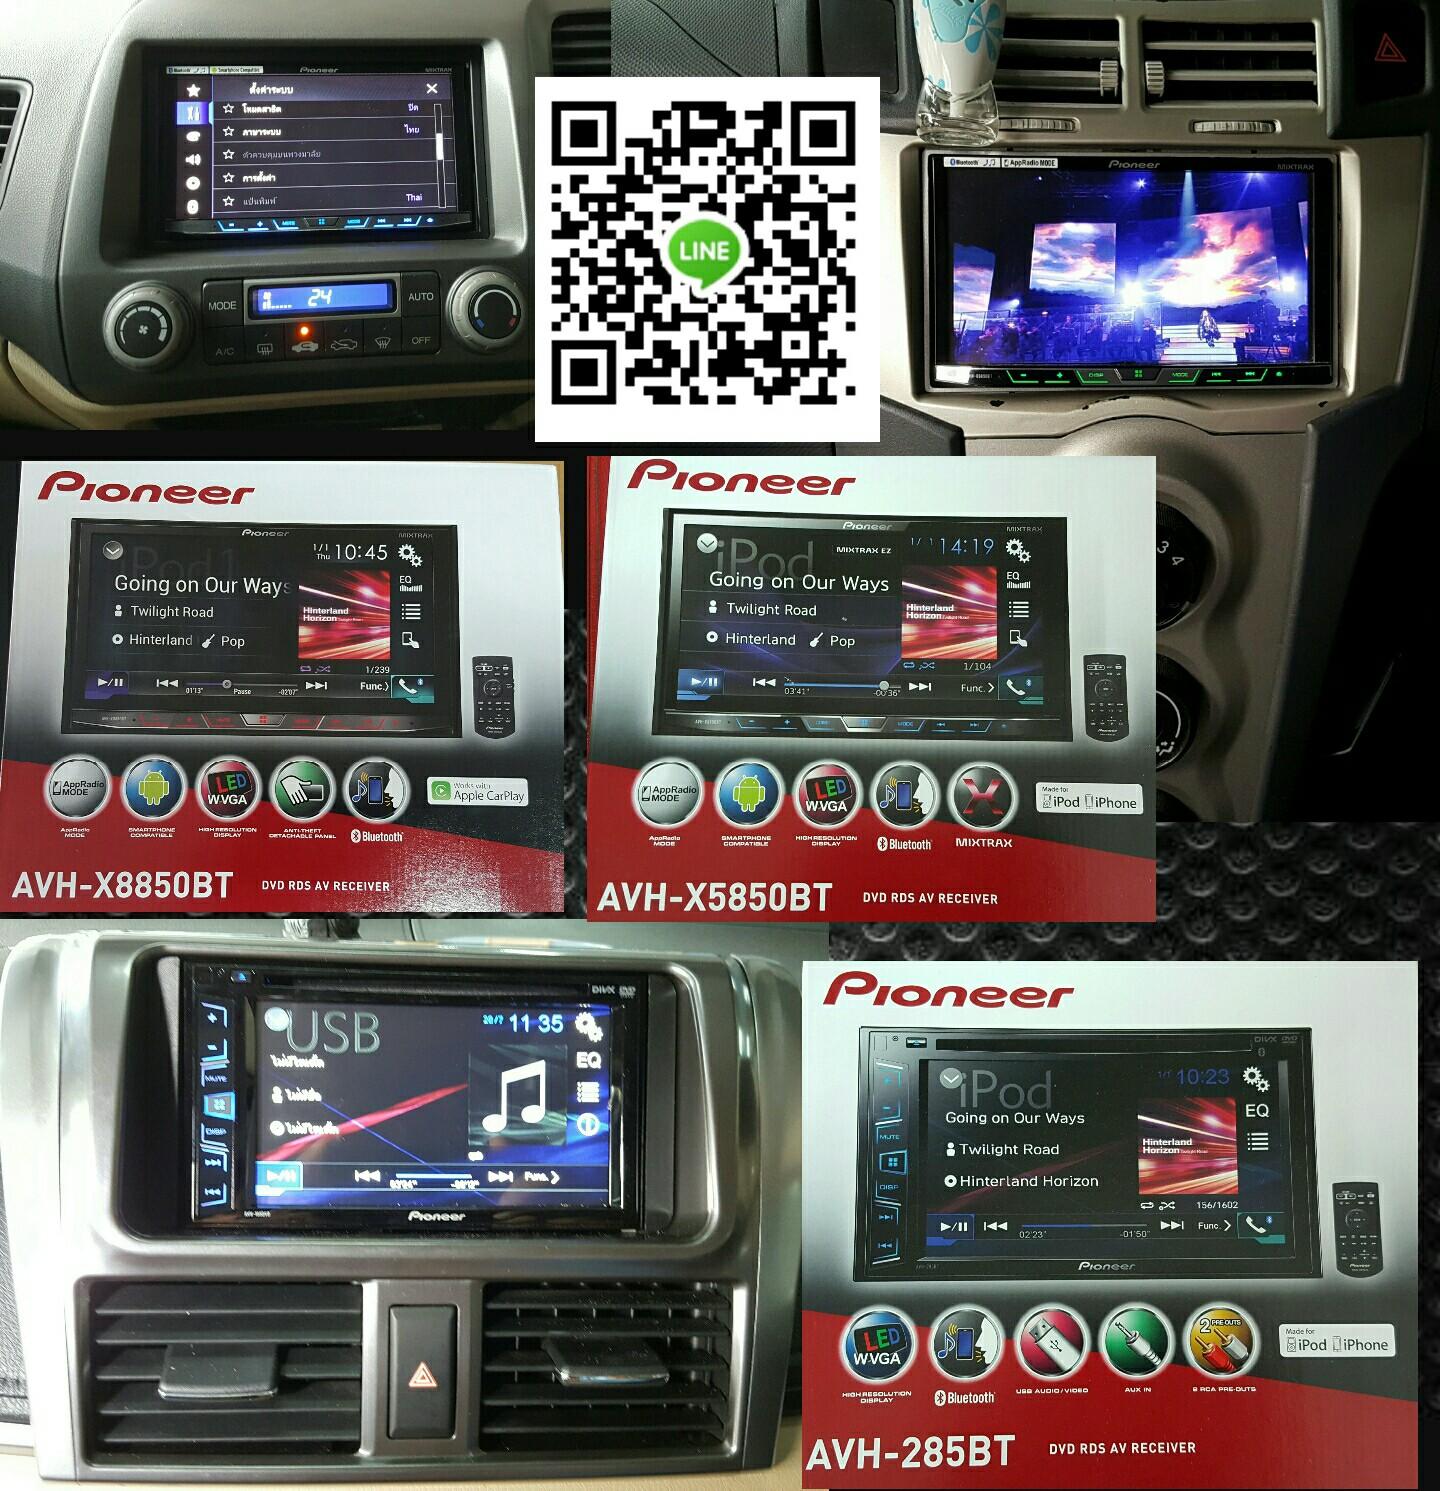 ผลการค้นหารูปภาพสำหรับ Pioneer กับเฮดยูนิตที่สามารถใช้งานร่วมกับ Apple CarPlay